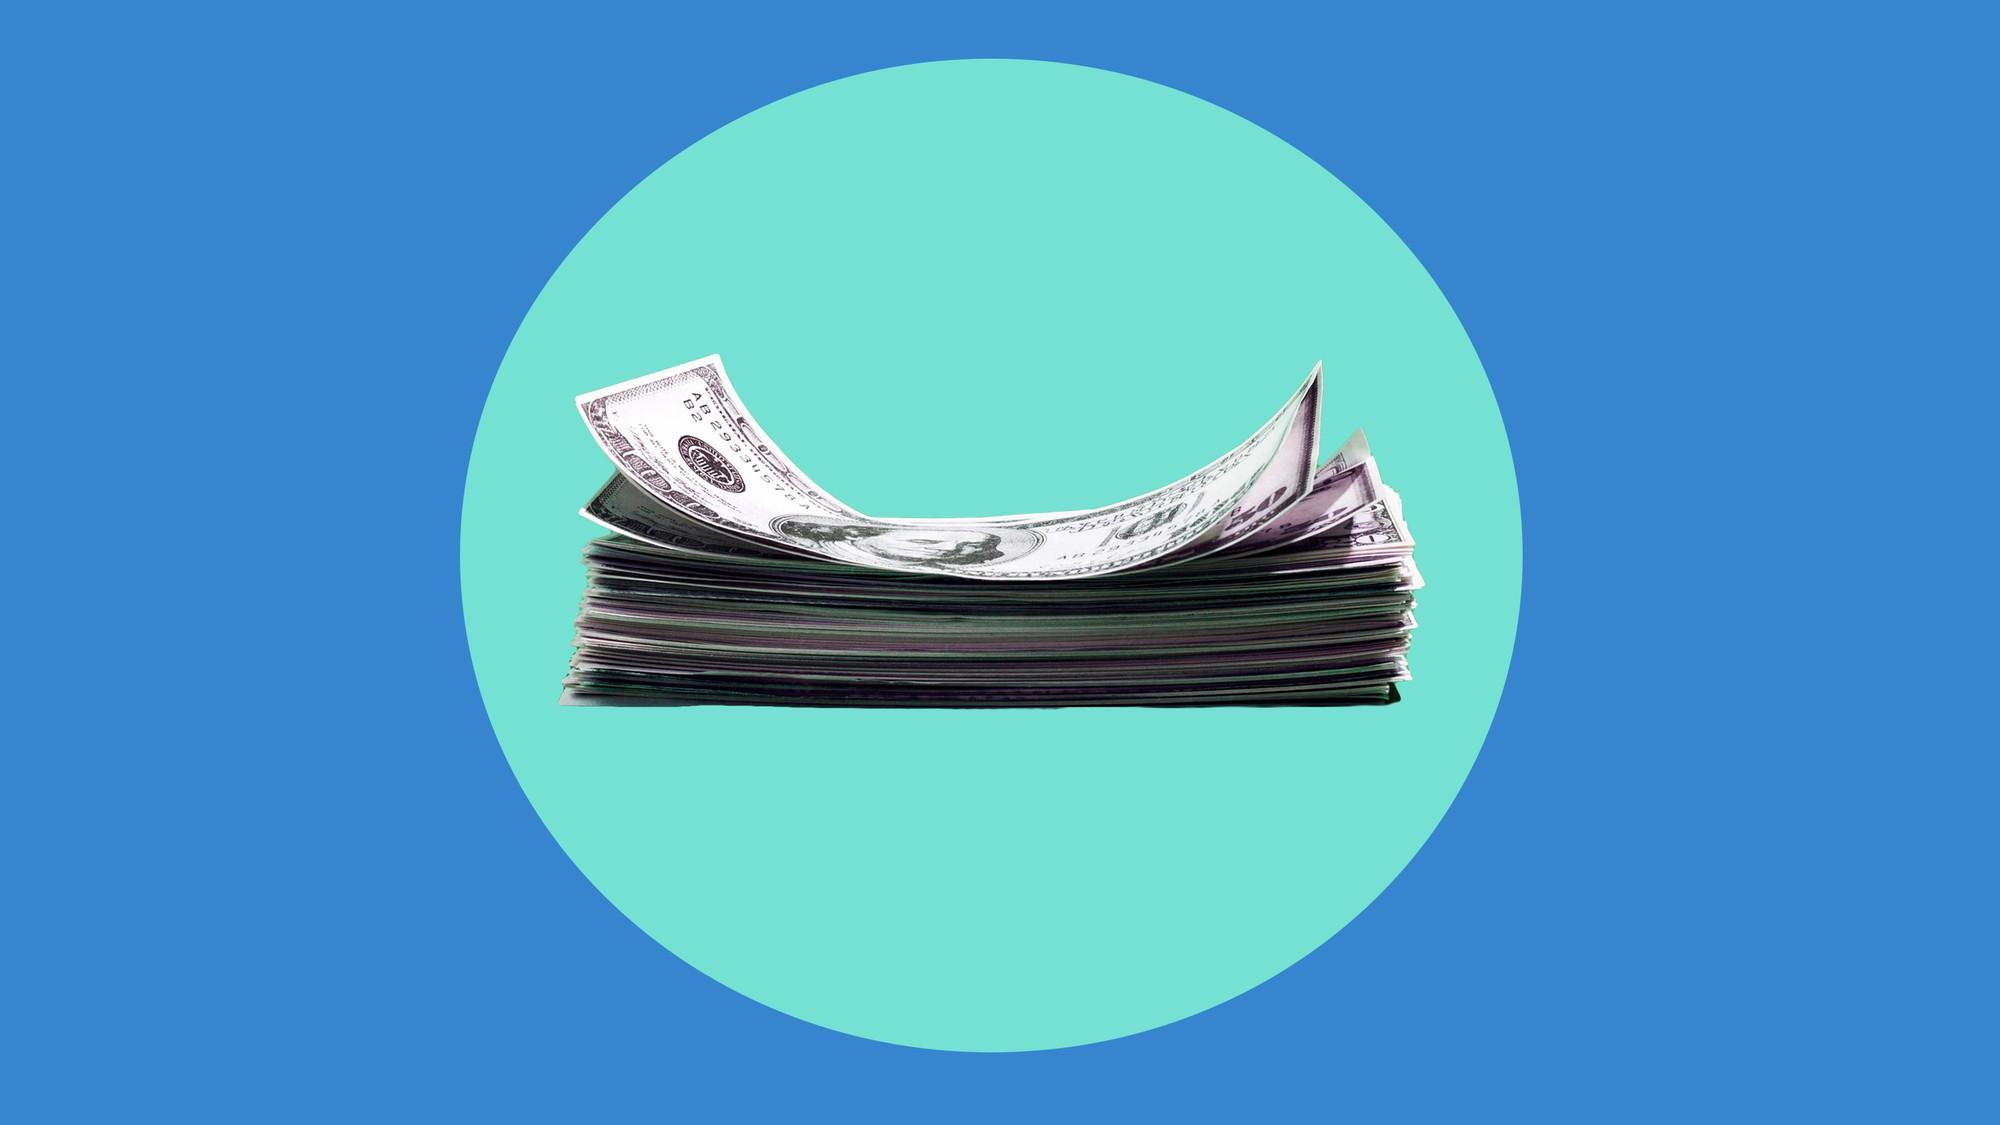 chân lý kiểm soát tiền nong - money stack wage gap illustration 1565191752330948985236 - Sống tằn tiện và chi tiêu như người nghèo: Chân lý kiểm soát tiền nong mà người giàu chẳng mấy khi chia sẻ